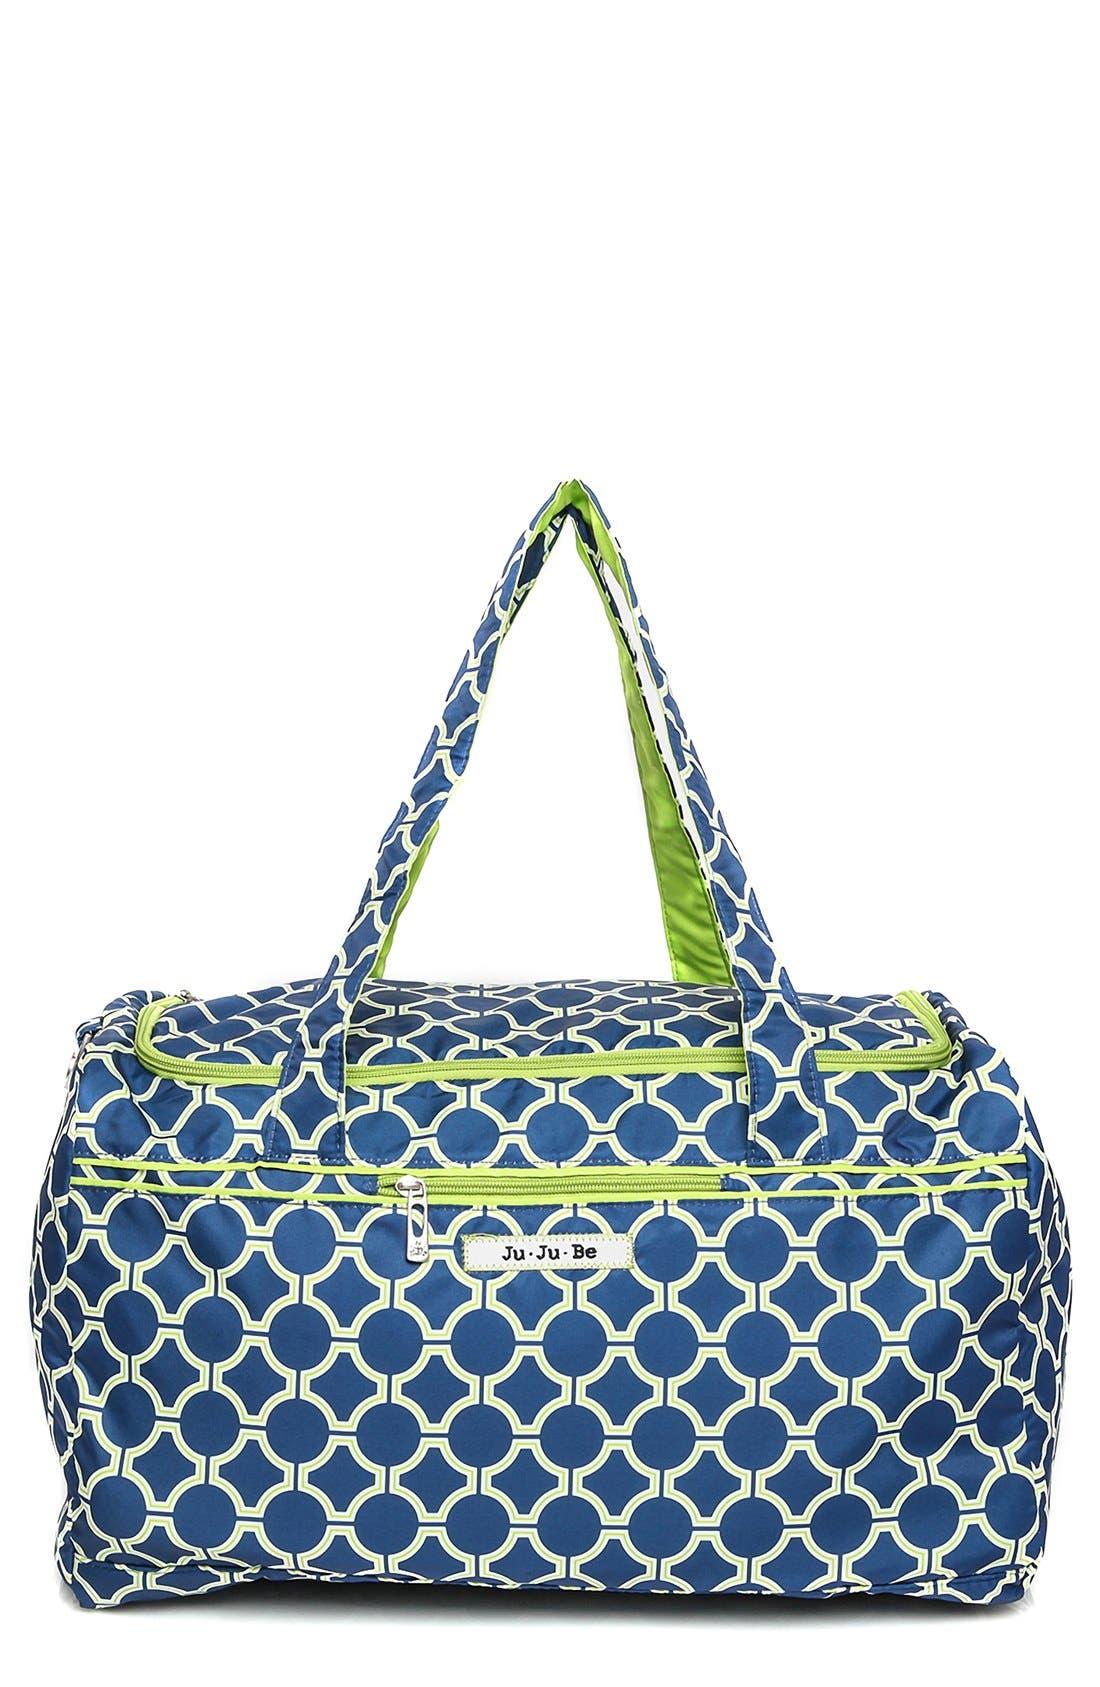 Alternate Image 1 Selected - Ju-Ju-Be 'Super Star' Travel Diaper Bag